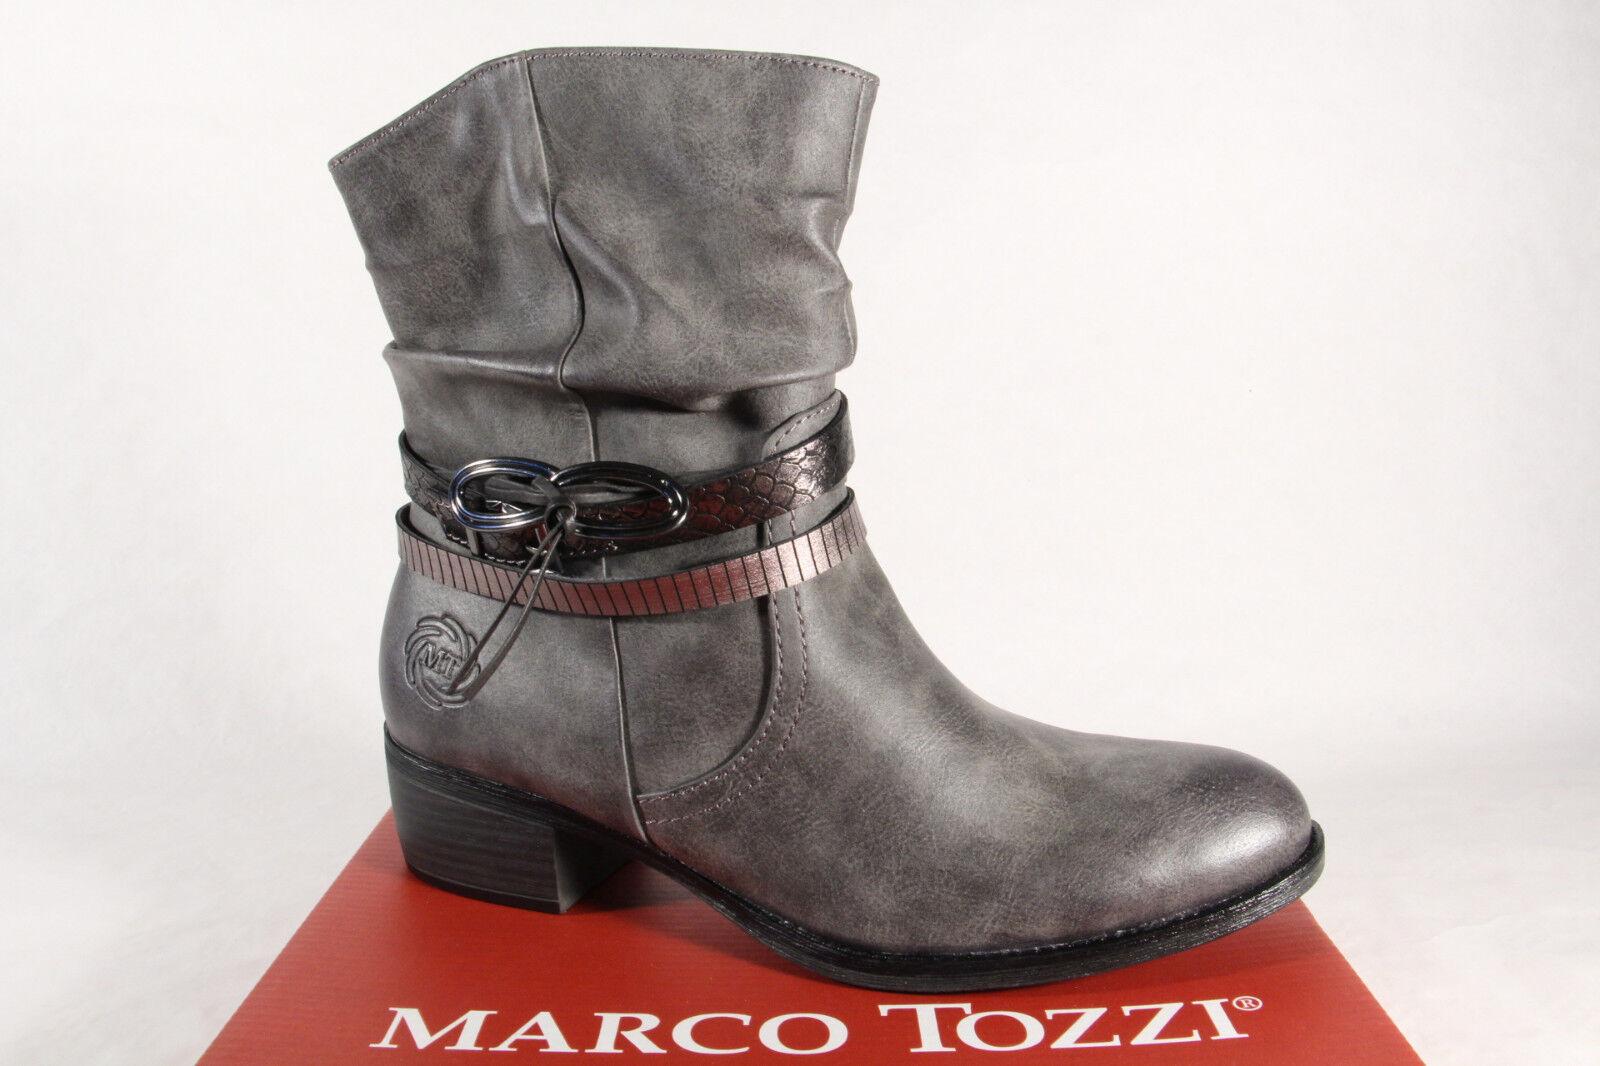 Marco Stivaletti tozzi stivali da donna Stivaletti Marco Stivali, stivaletto stringato grigio 25316 NUOVO! 398514